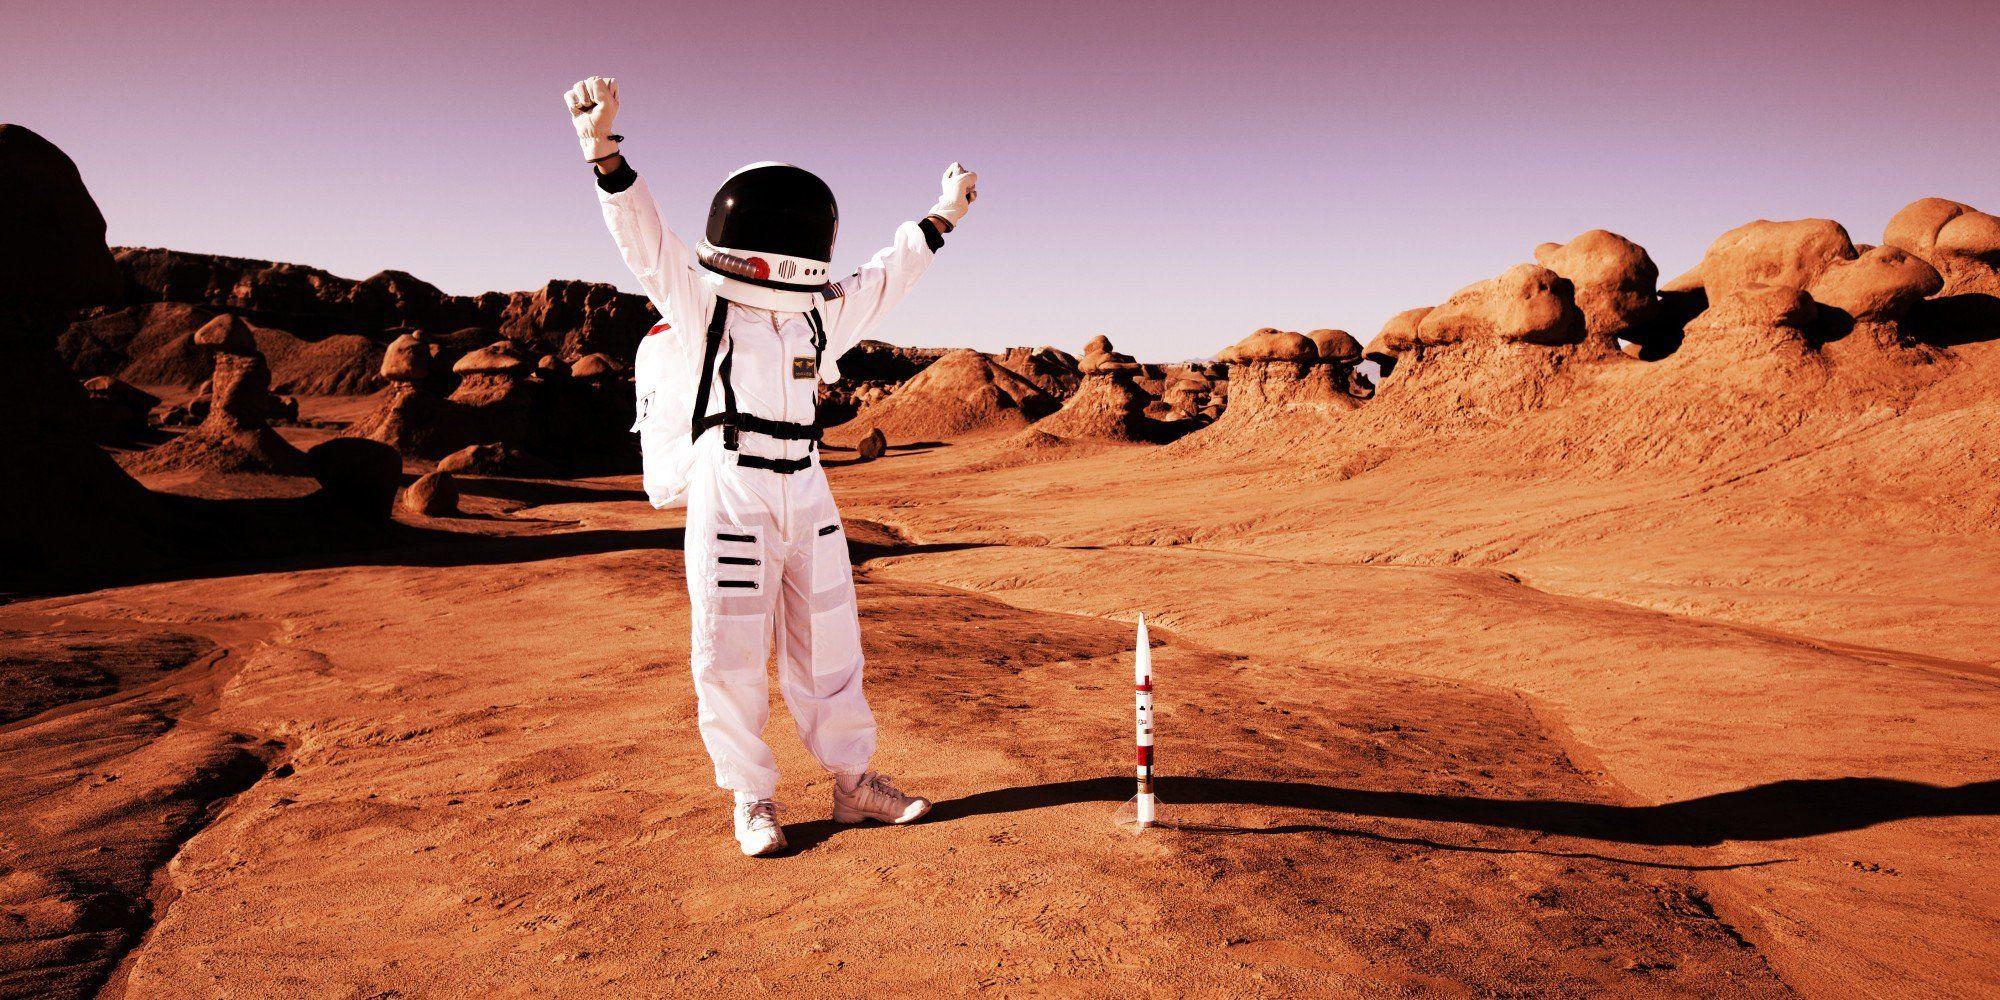 «Есть кислород? А если найду?» — будущее путешествий на Марс зависит от работы системы MOXIE на марсоходе Настойчивость - 1